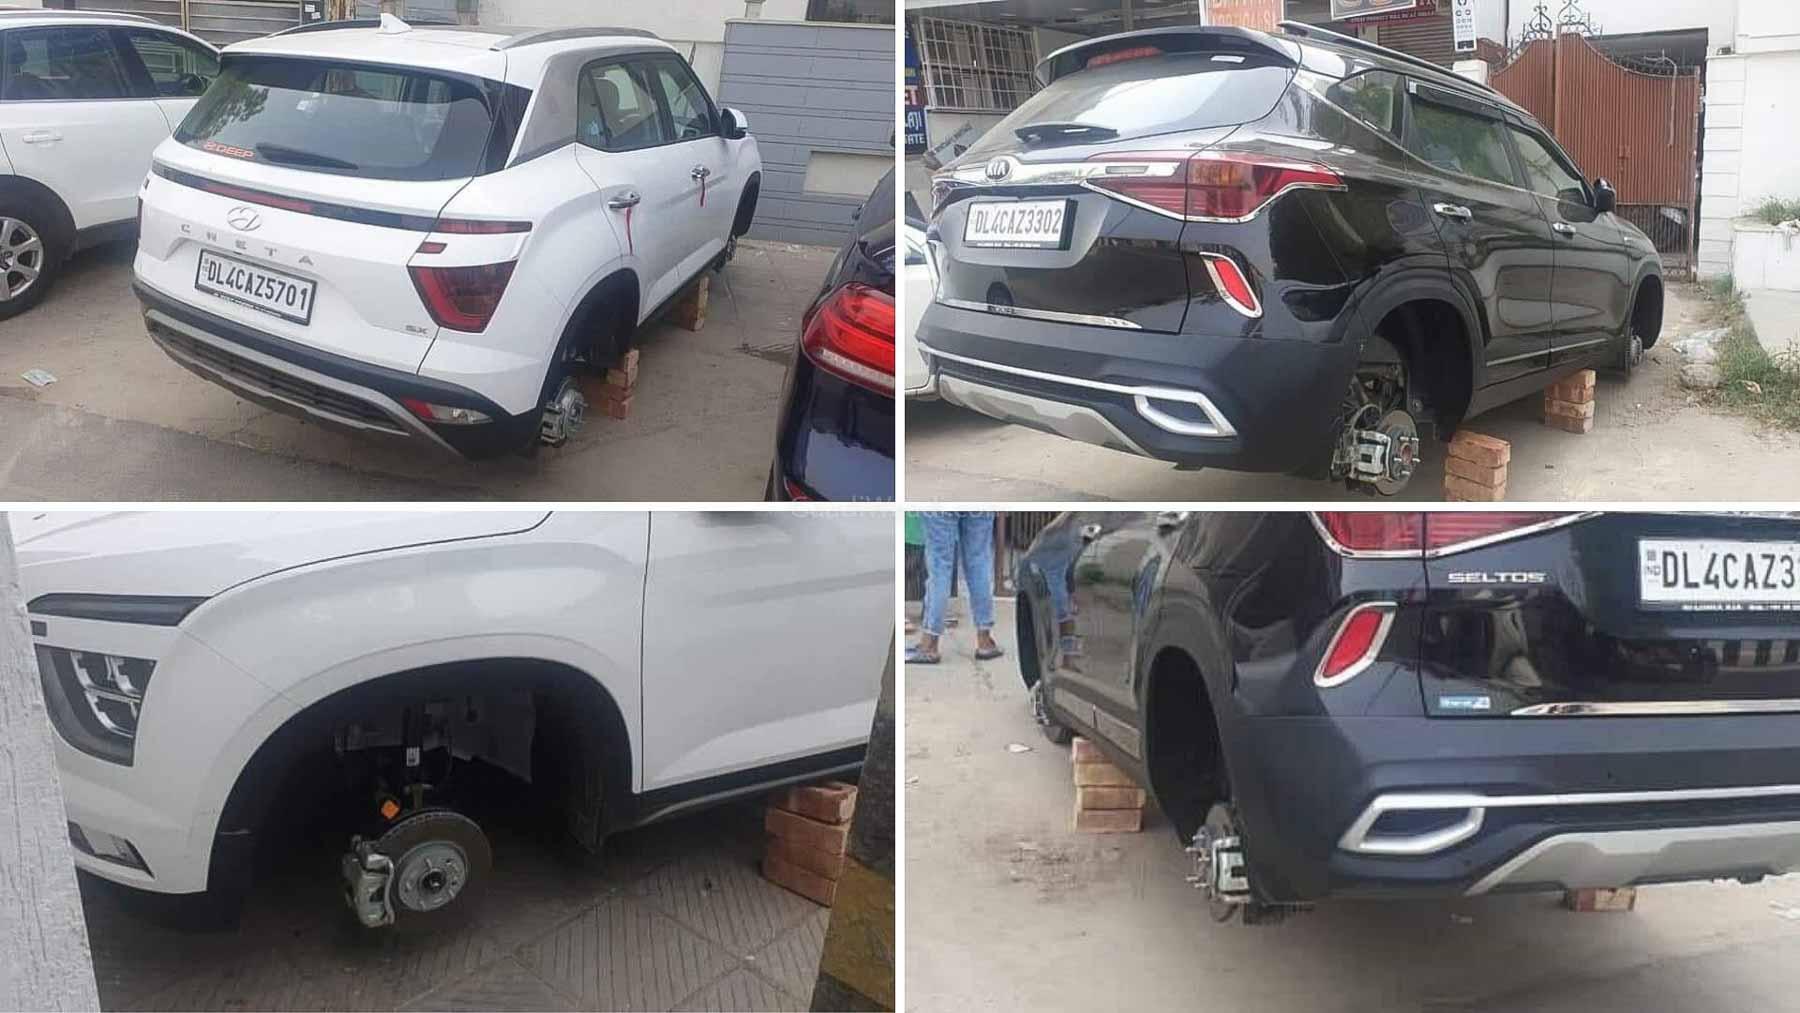 All 4 Wheels Of The Brand New Hyundai Creta & Kia Seltos Stolen – Details